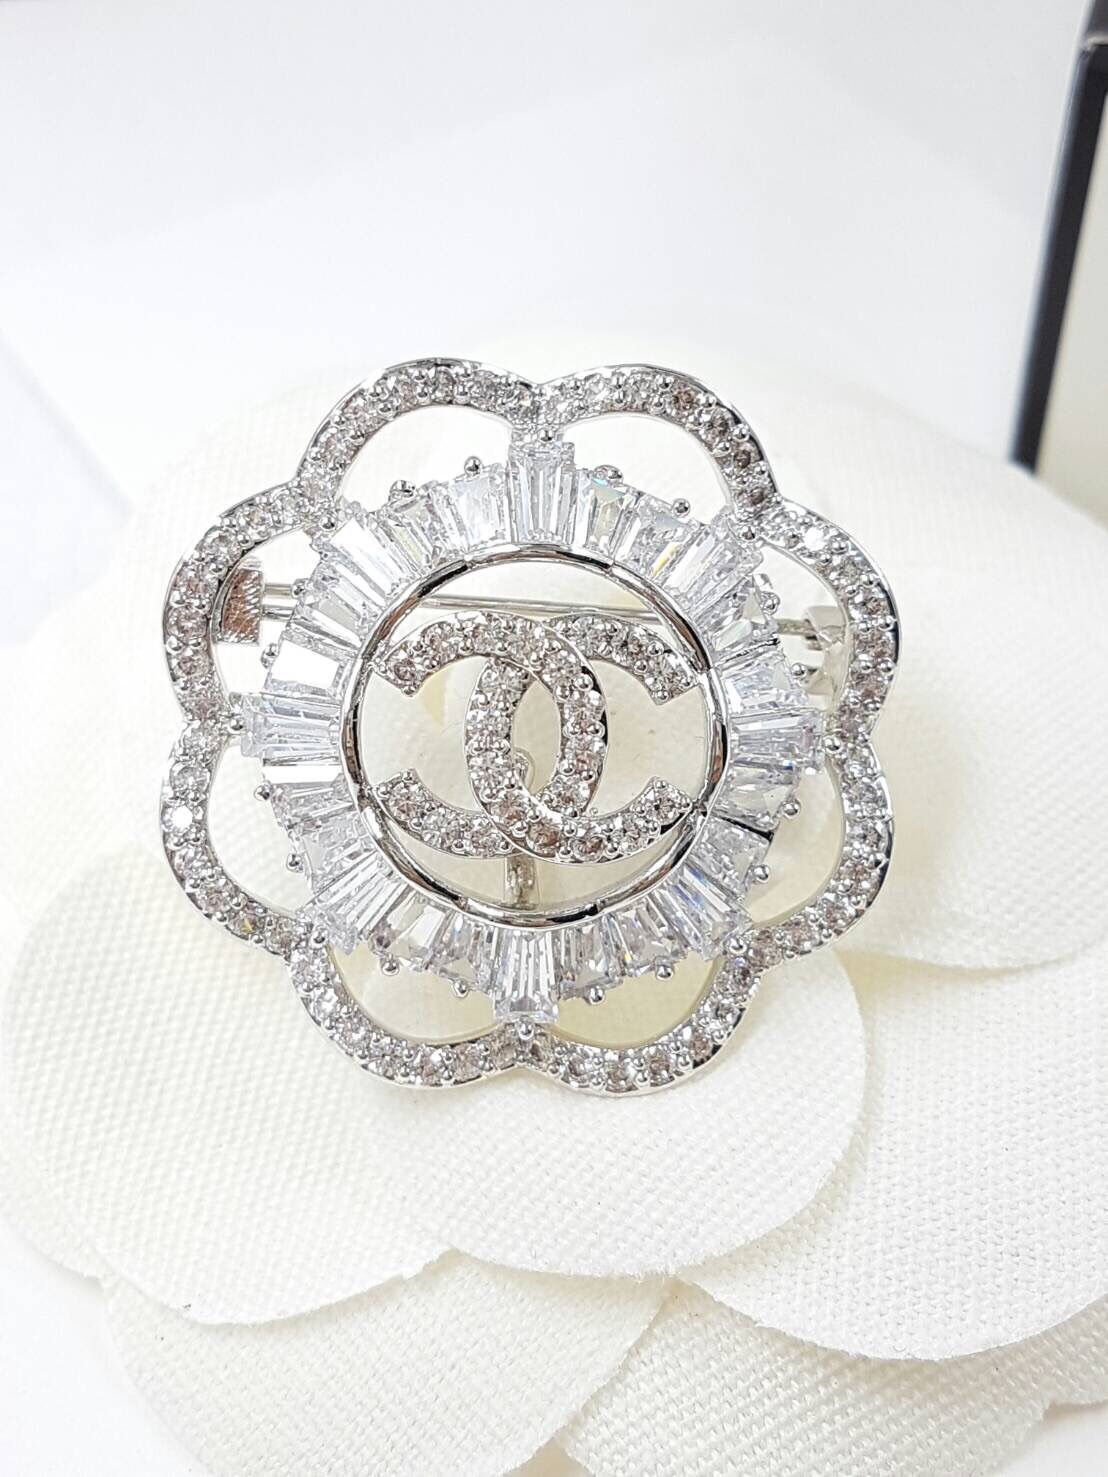 พร้อมส่ง Diamond Chanel Brooch เข็มกลัดชาแนล ทรงกลม